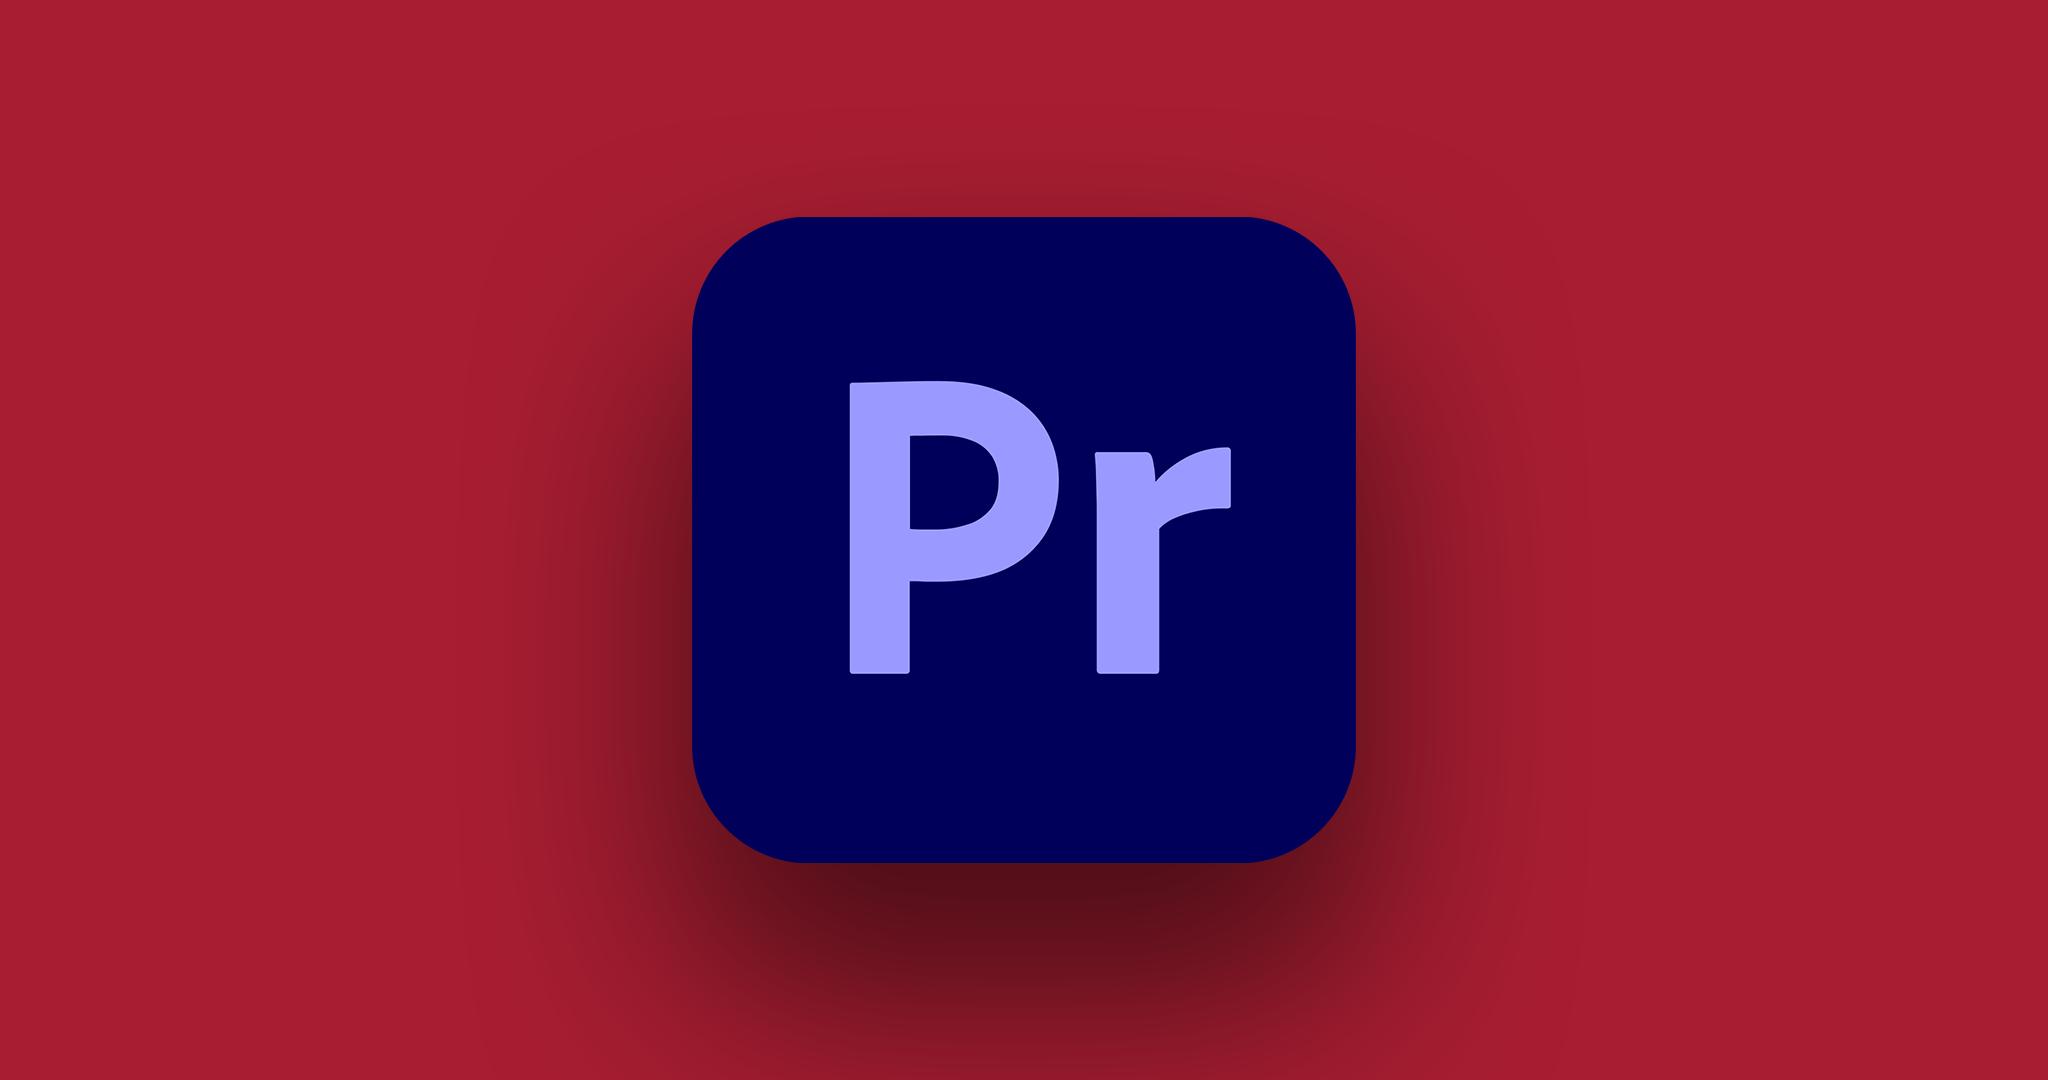 Produtora de Vídeo, Produção audiovisual, Vídeos corporativos, Vídeos de Treinamento, Filmes publicitários, Vídeos para empresas